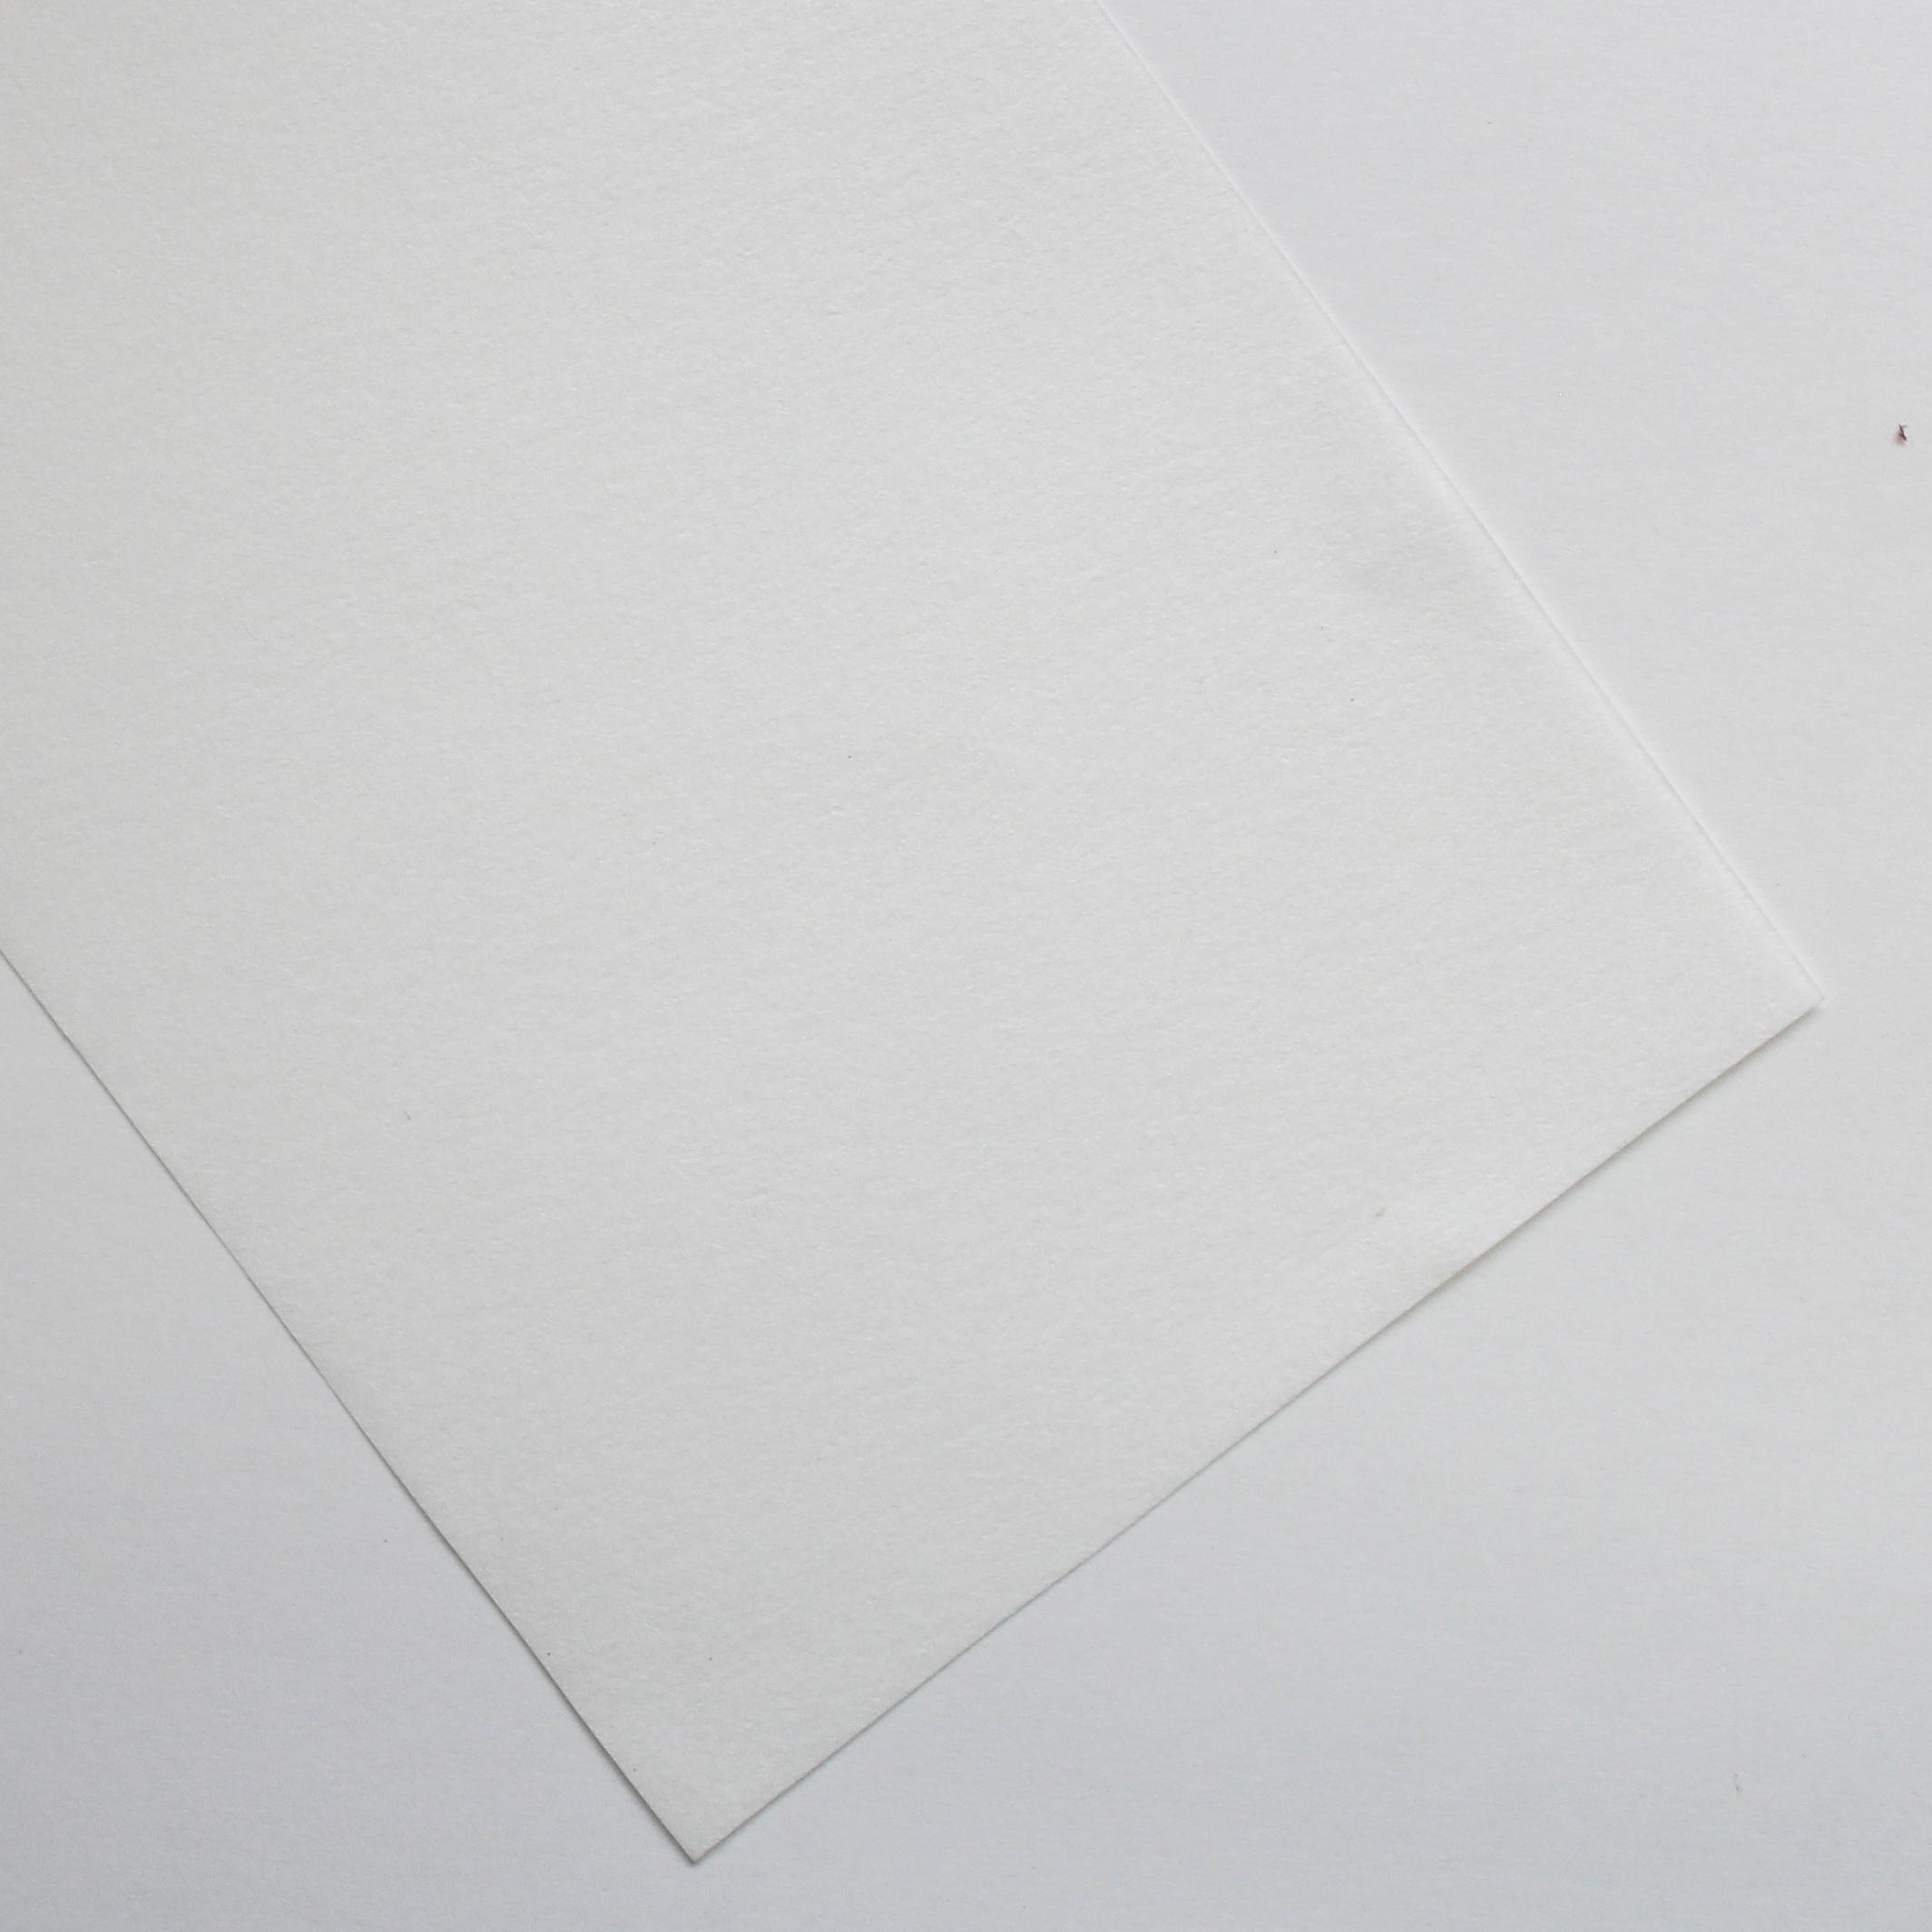 溶ける紙・水 26kg 546x788mm